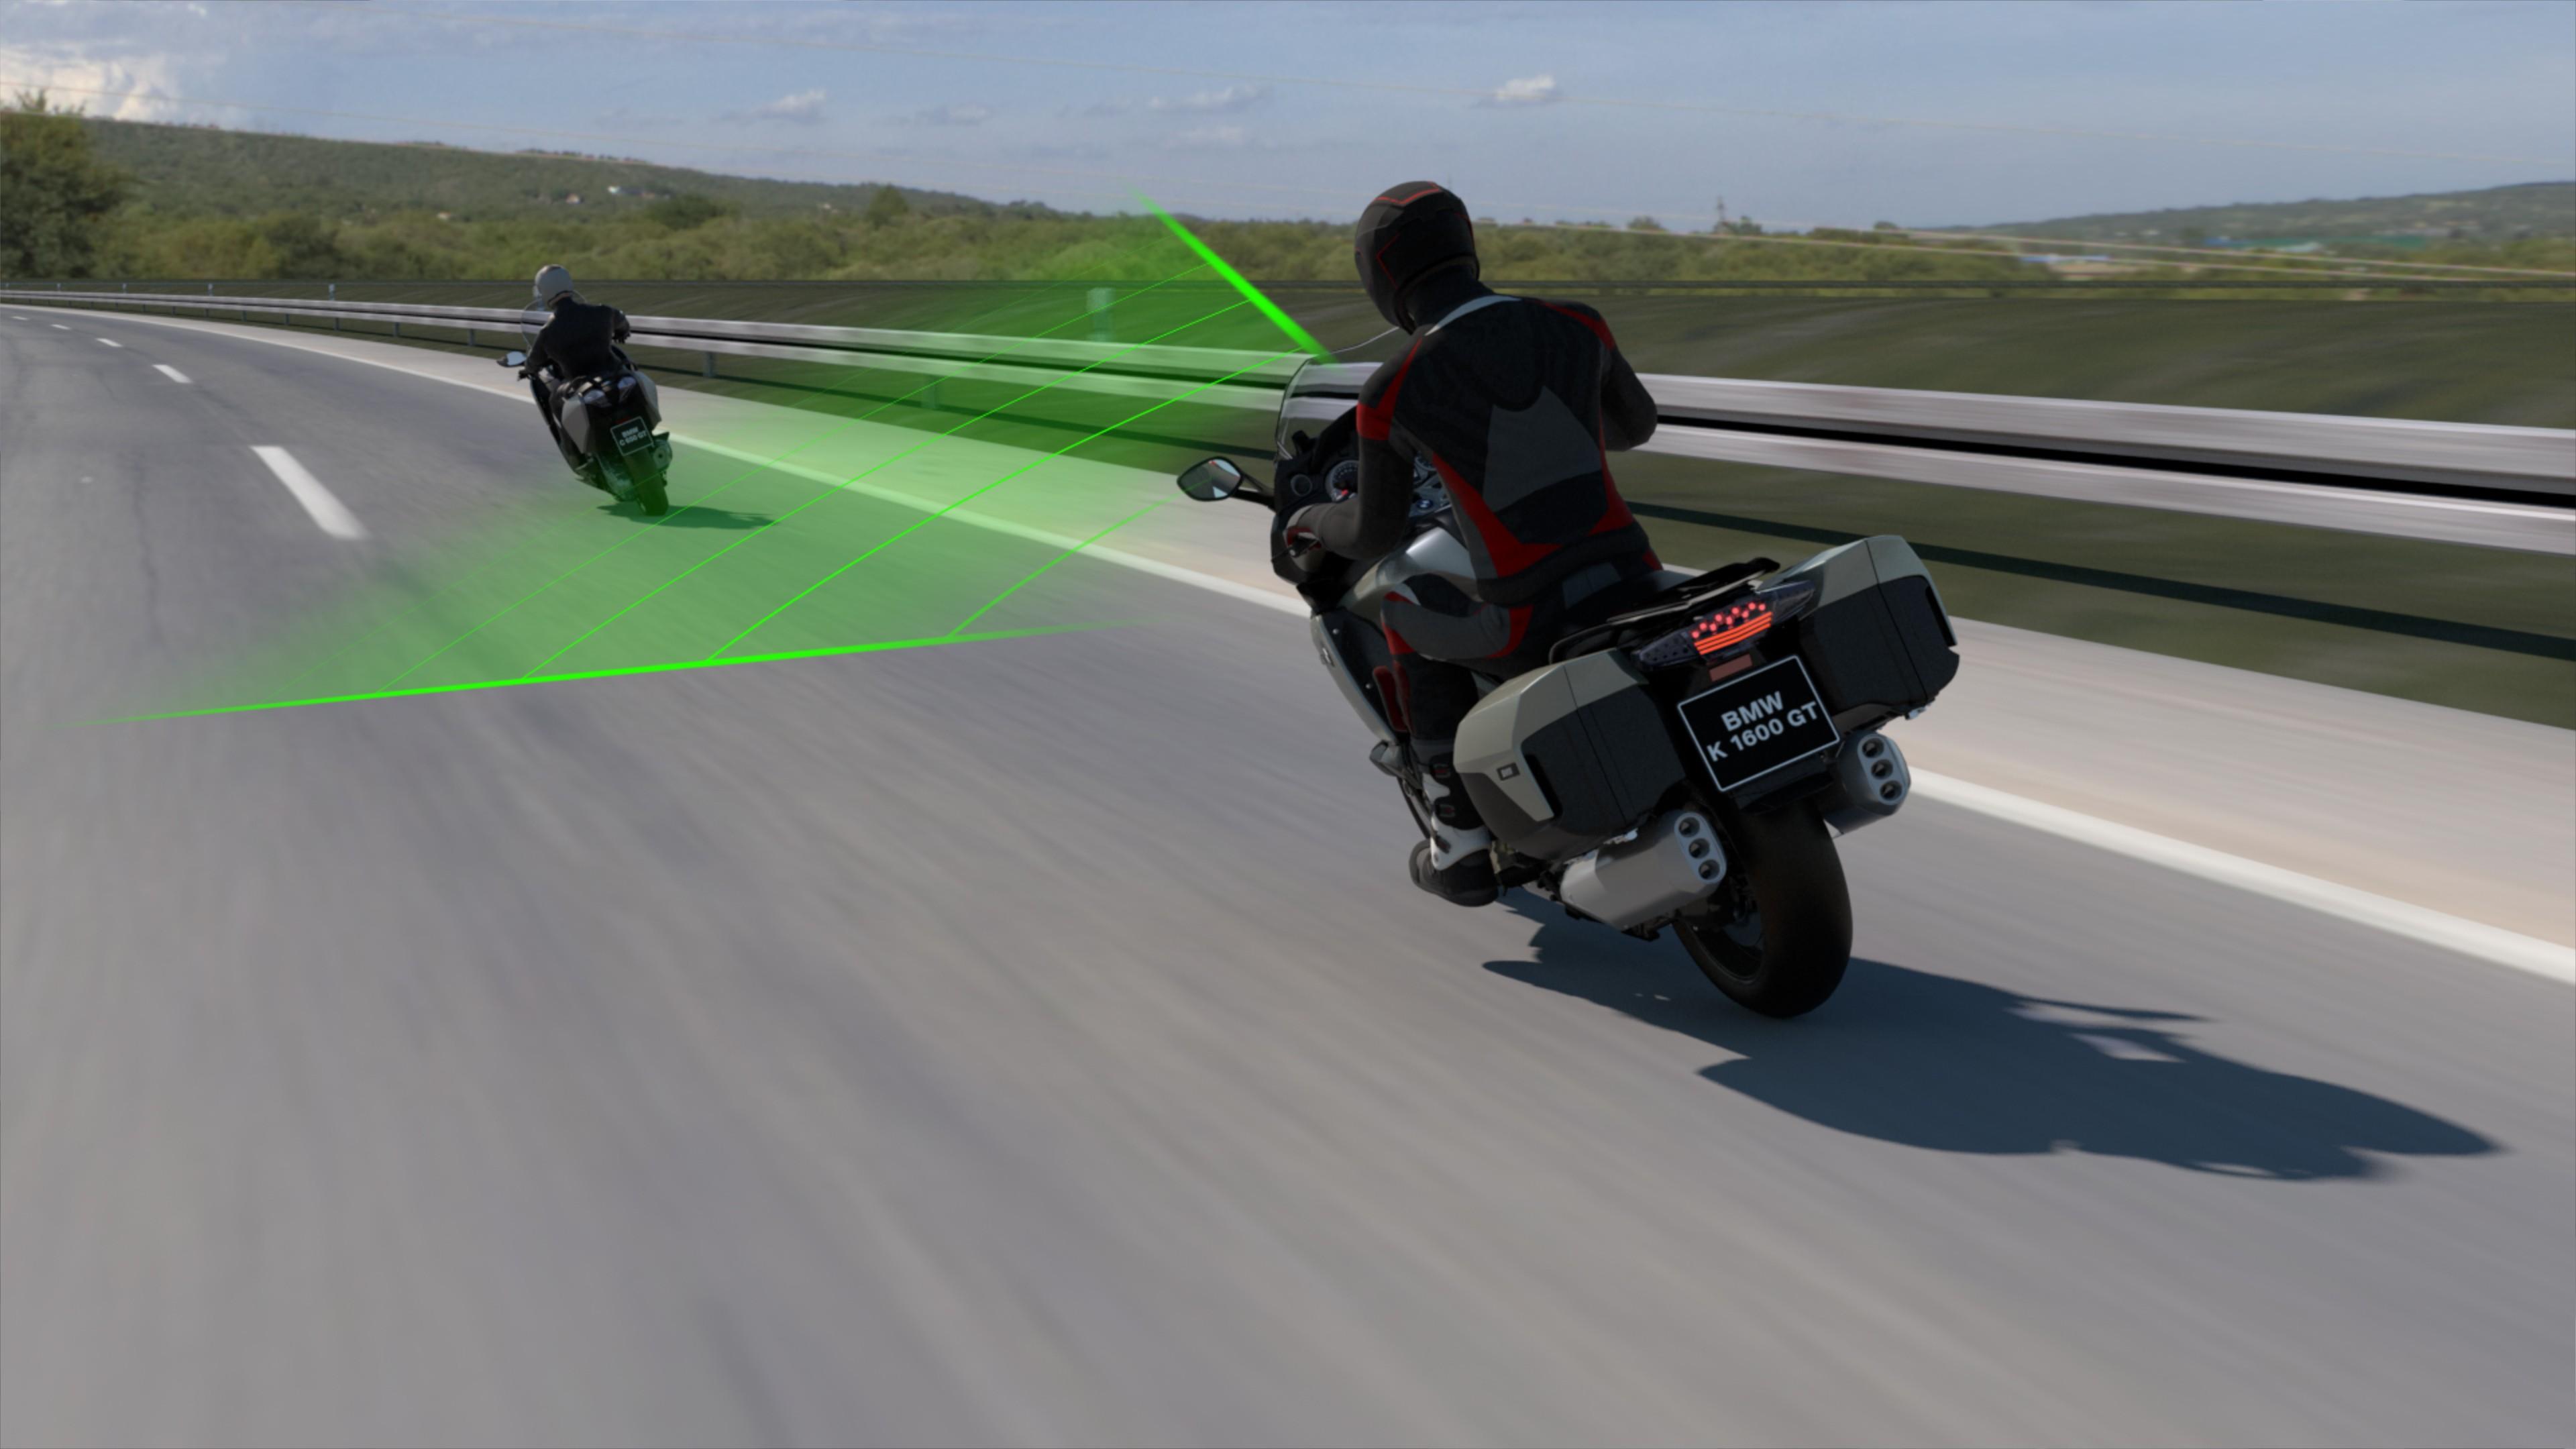 Motos BMW vão frear e acelerar sozinhas com novo sistema adaptativo de velocidade